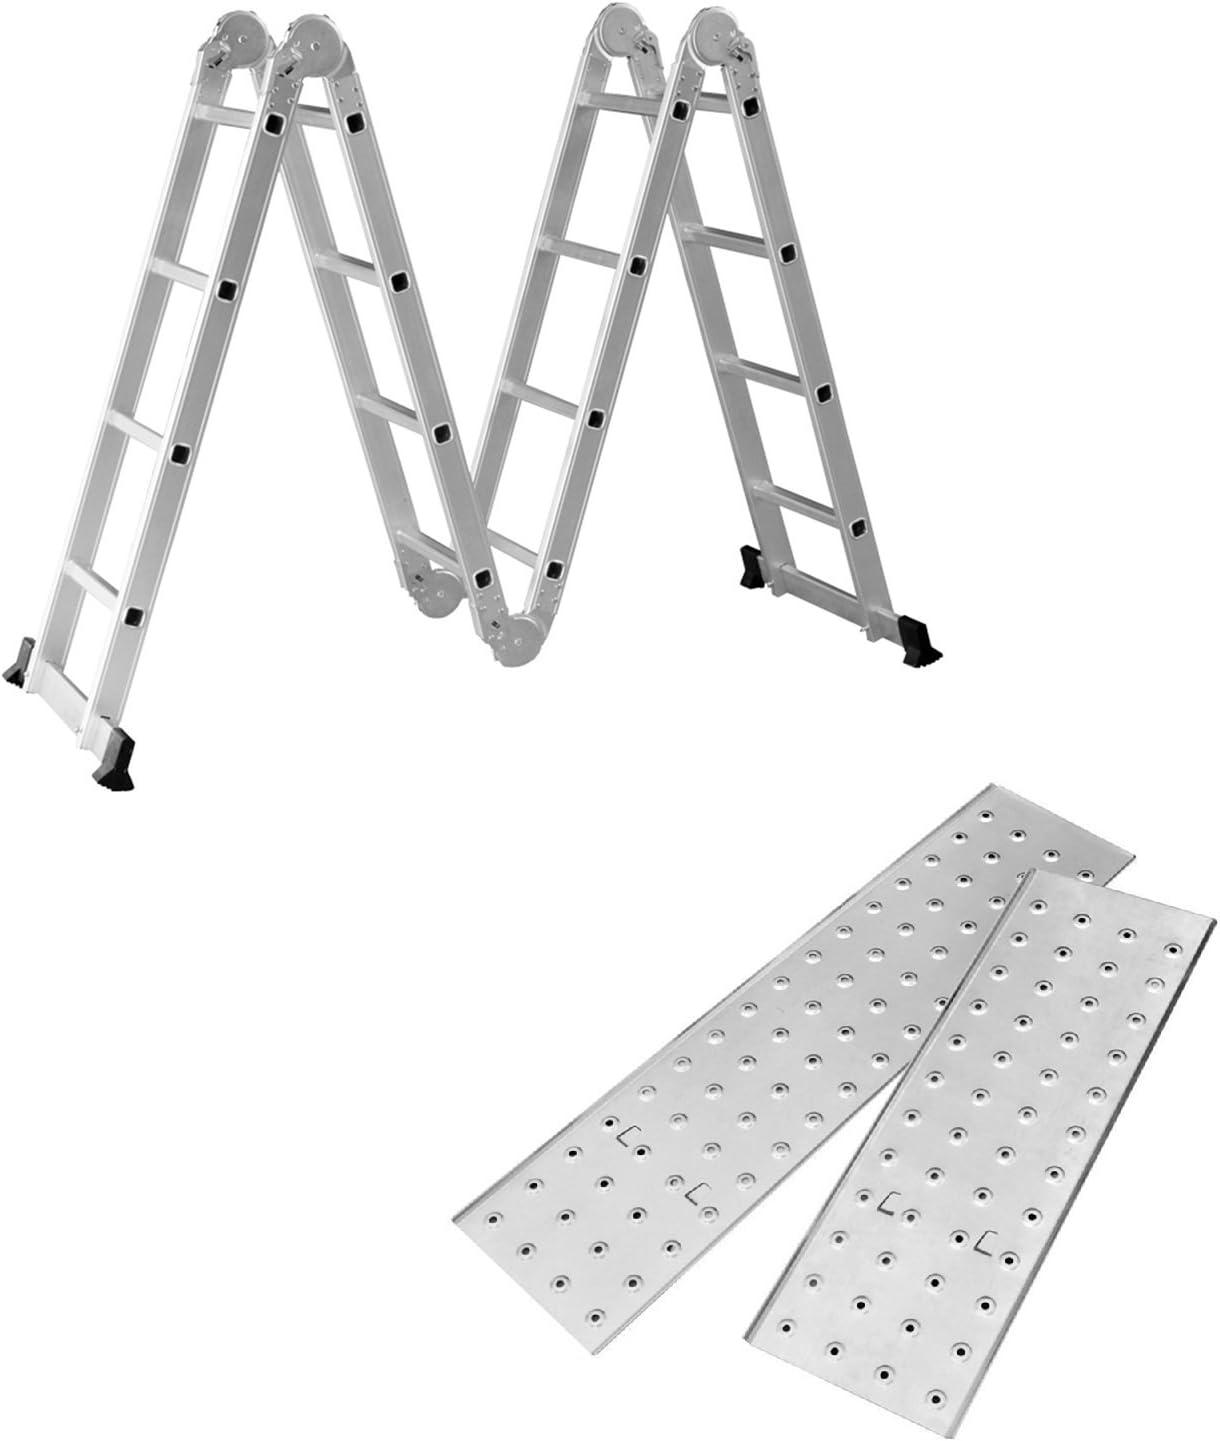 SAILUN 6 en 1 Escalera de Tijera 4.7M Escalera Multifunción Plegable Escalera Articulada con Plataforma 4x4 Escalera de aluminio Escalera combinada de alta calidad, Cargable hasta 150 kg: Amazon.es: Bricolaje y herramientas